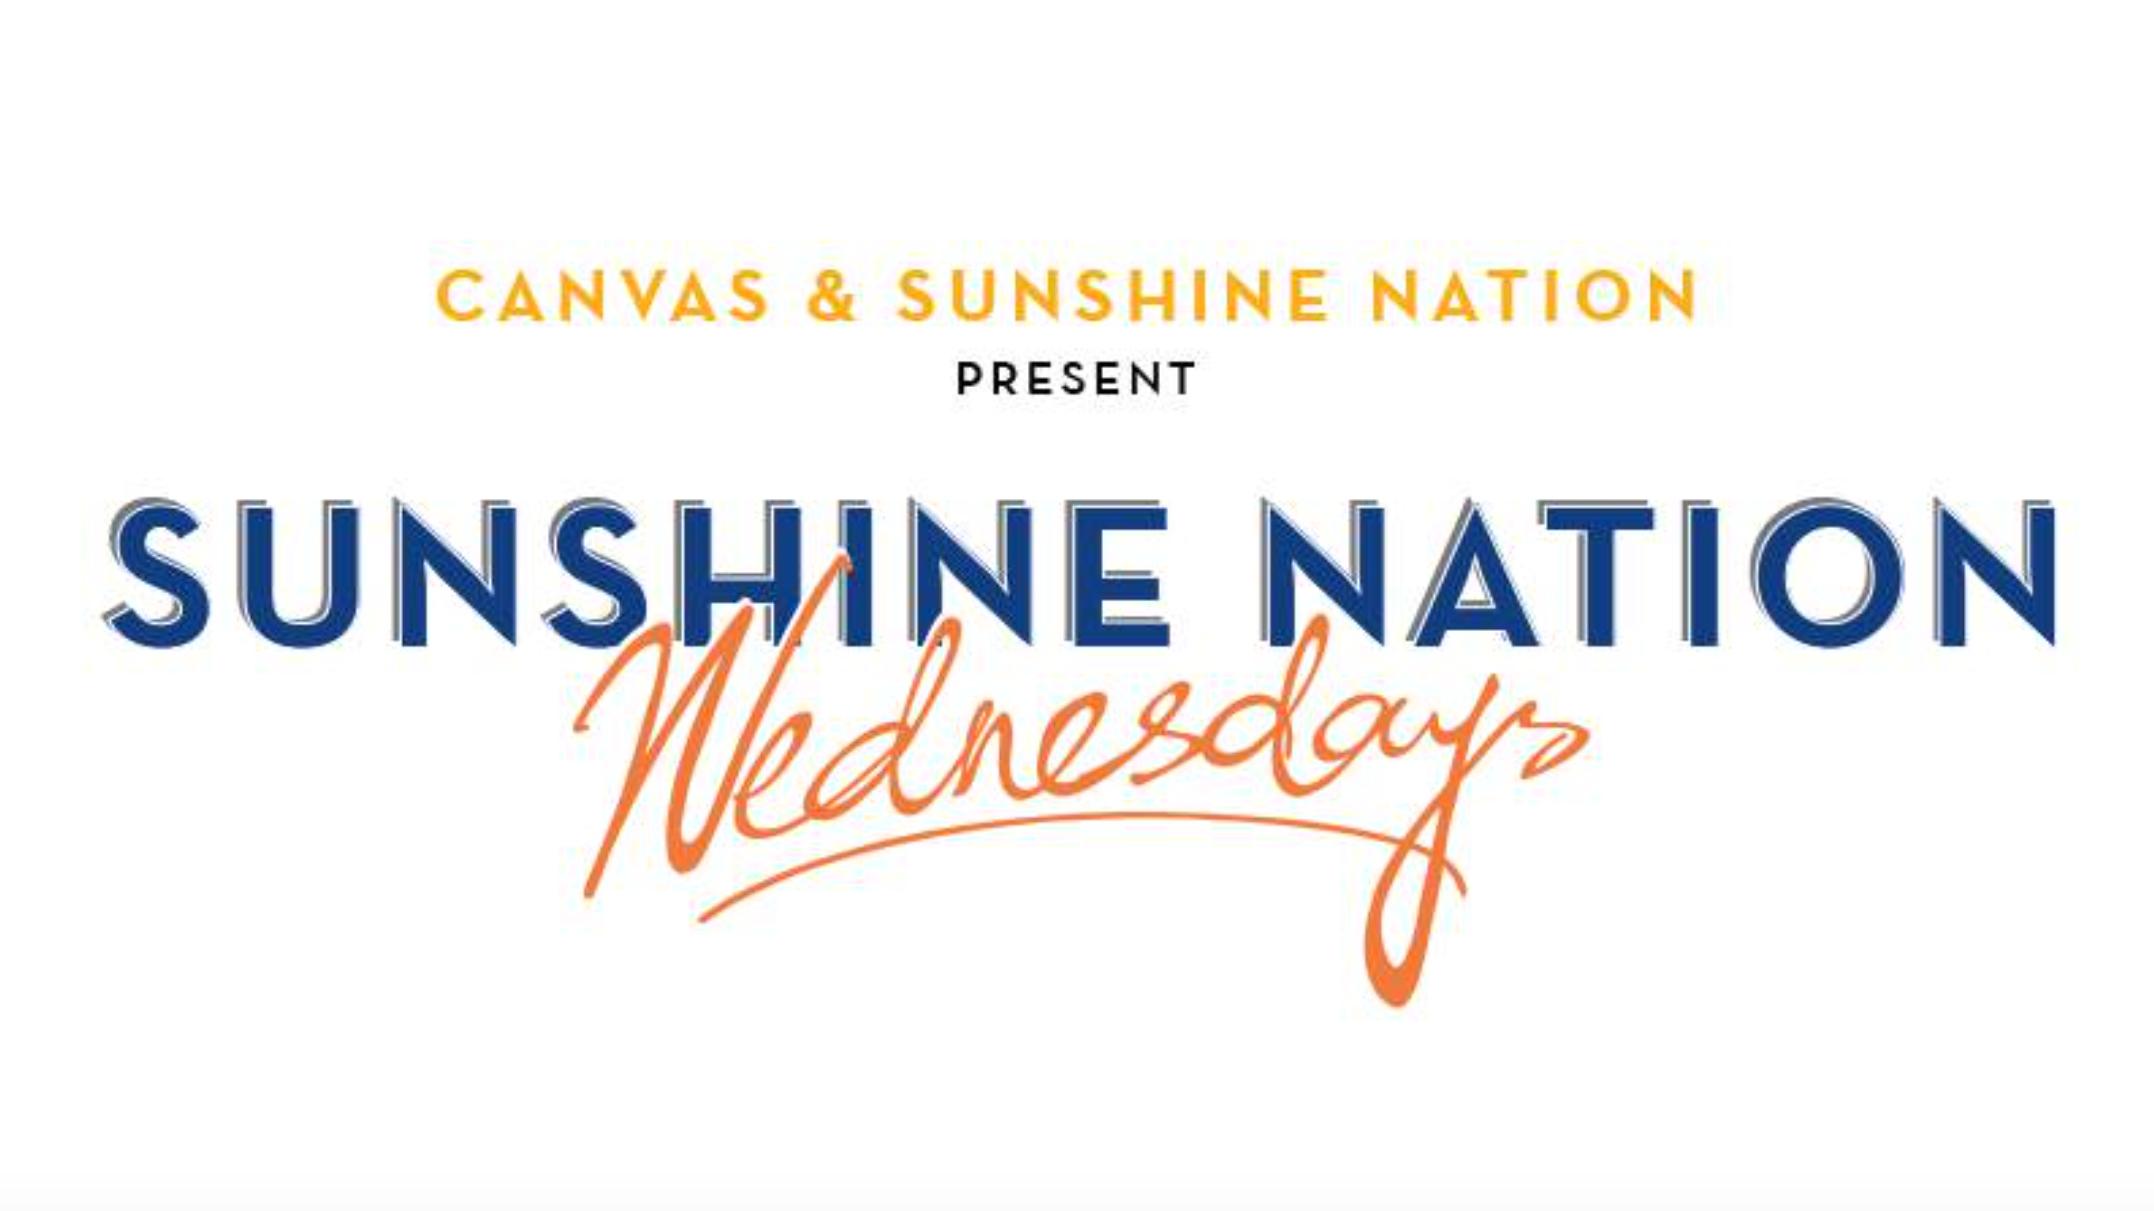 Sunshine Nation Wednesdays